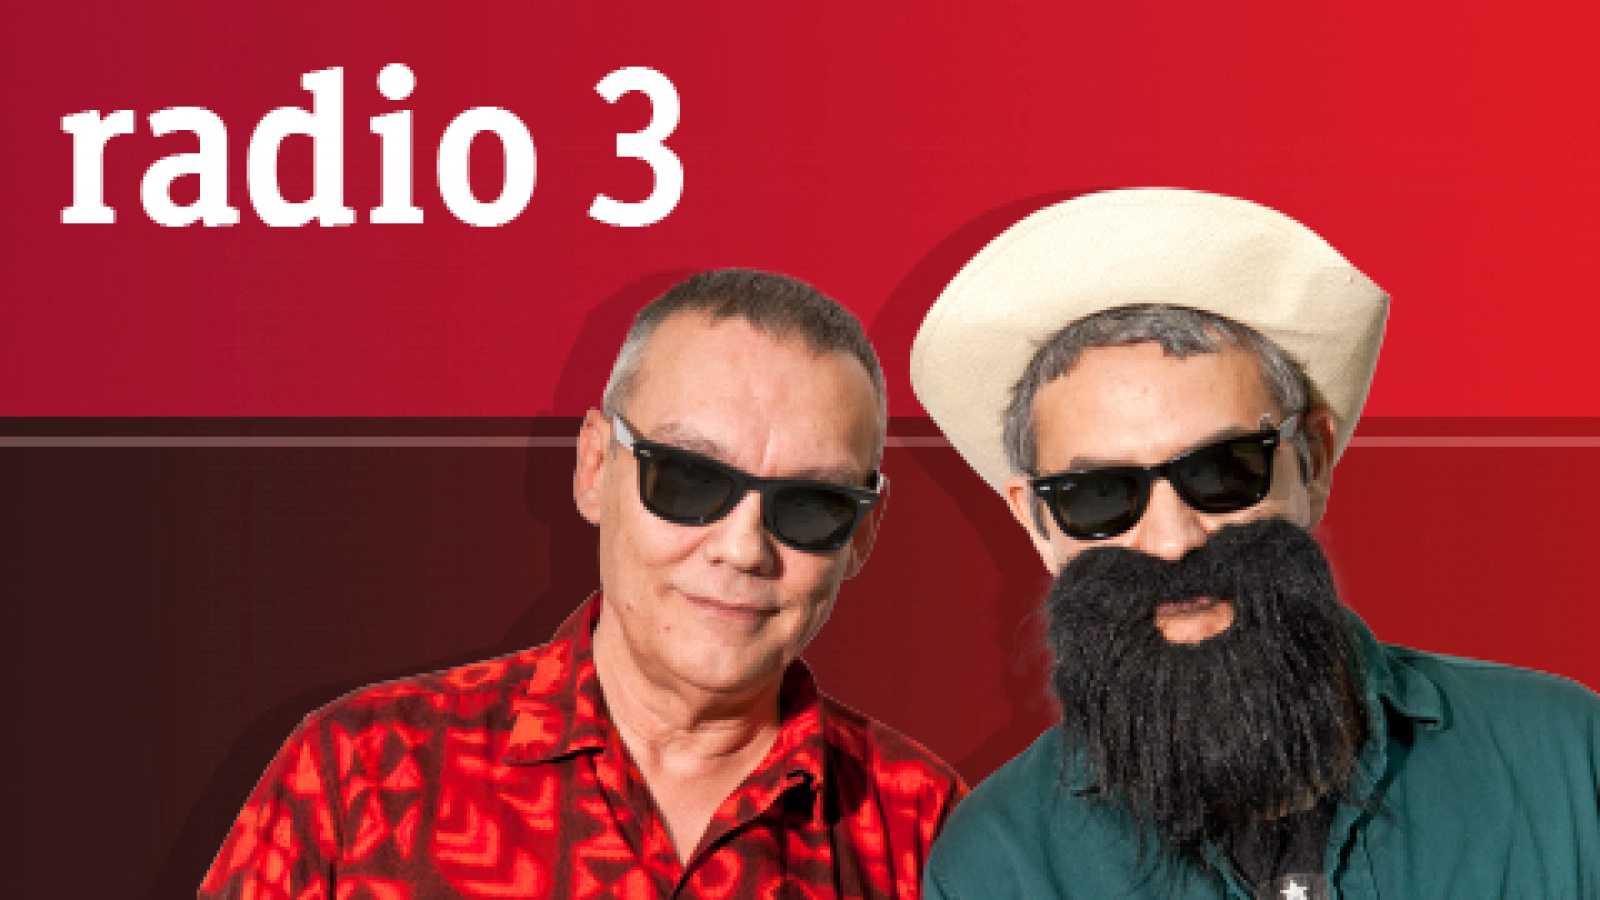 Melodías Pizarras - Un par de gemas Skiffle y trece locuras más - 27/02/21 - escuchar ahora